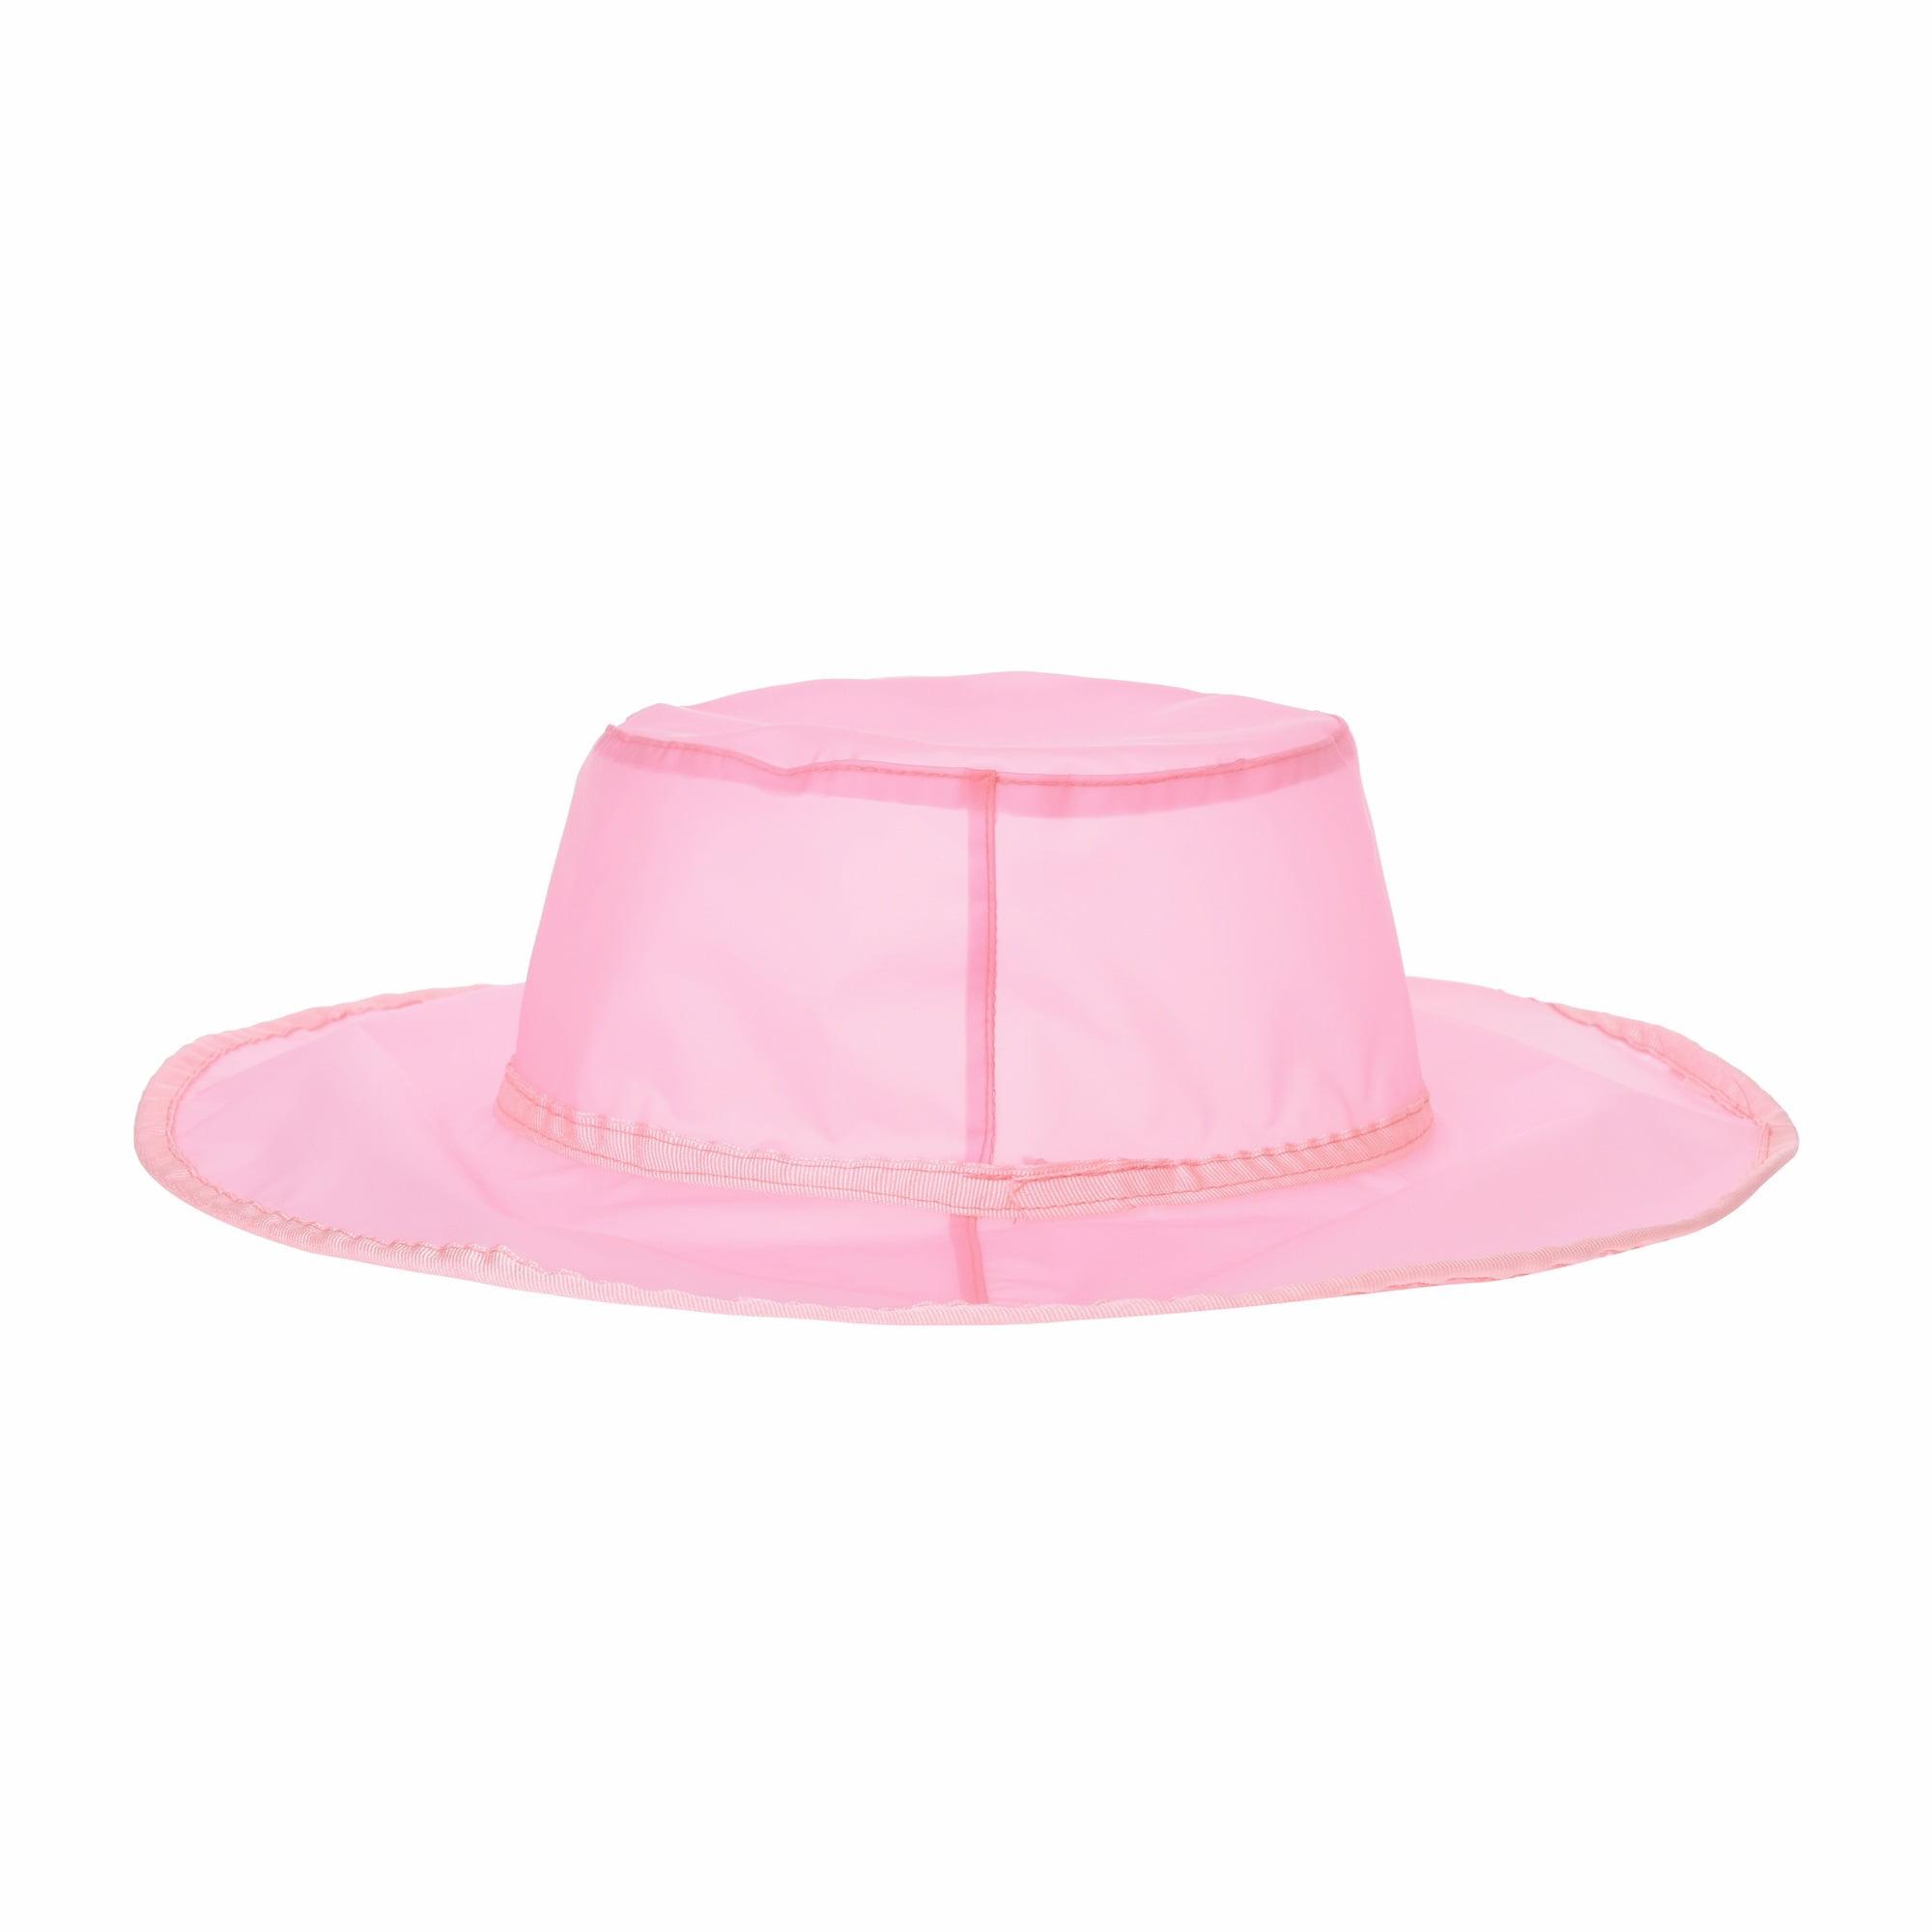 WITHMOONS Boonie Bush Hat Transparent Unique Wide Brim Sun Hat KR81000 (Pink)  - Walmart.com 358042bdf97